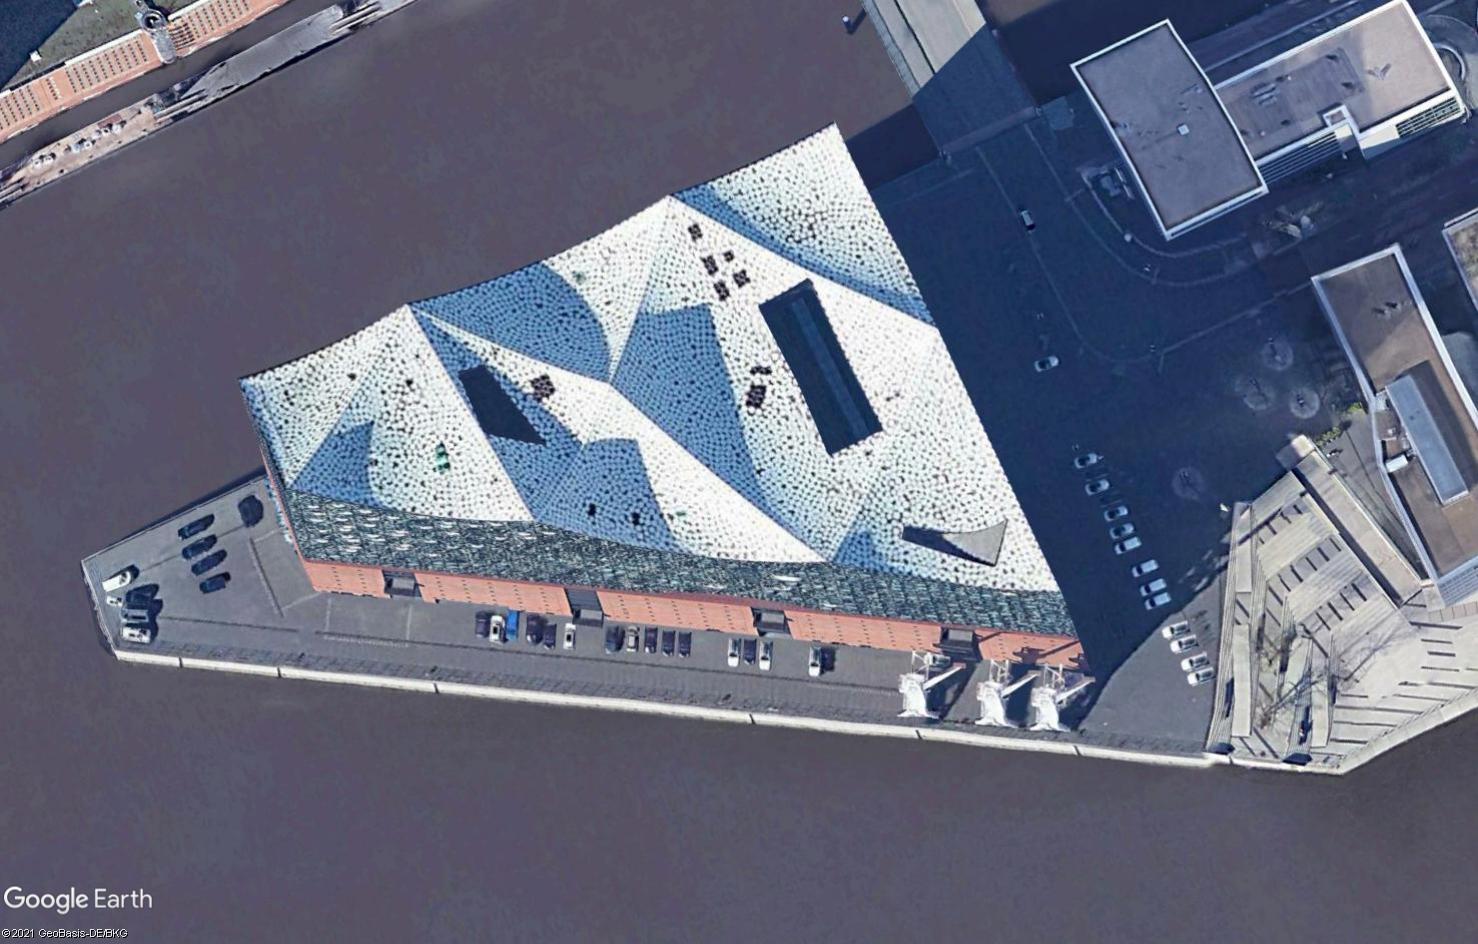 [Désormais visible sur Google Earth] - Elbphilharmonie - Hambourg - Allemagne Tsge2357